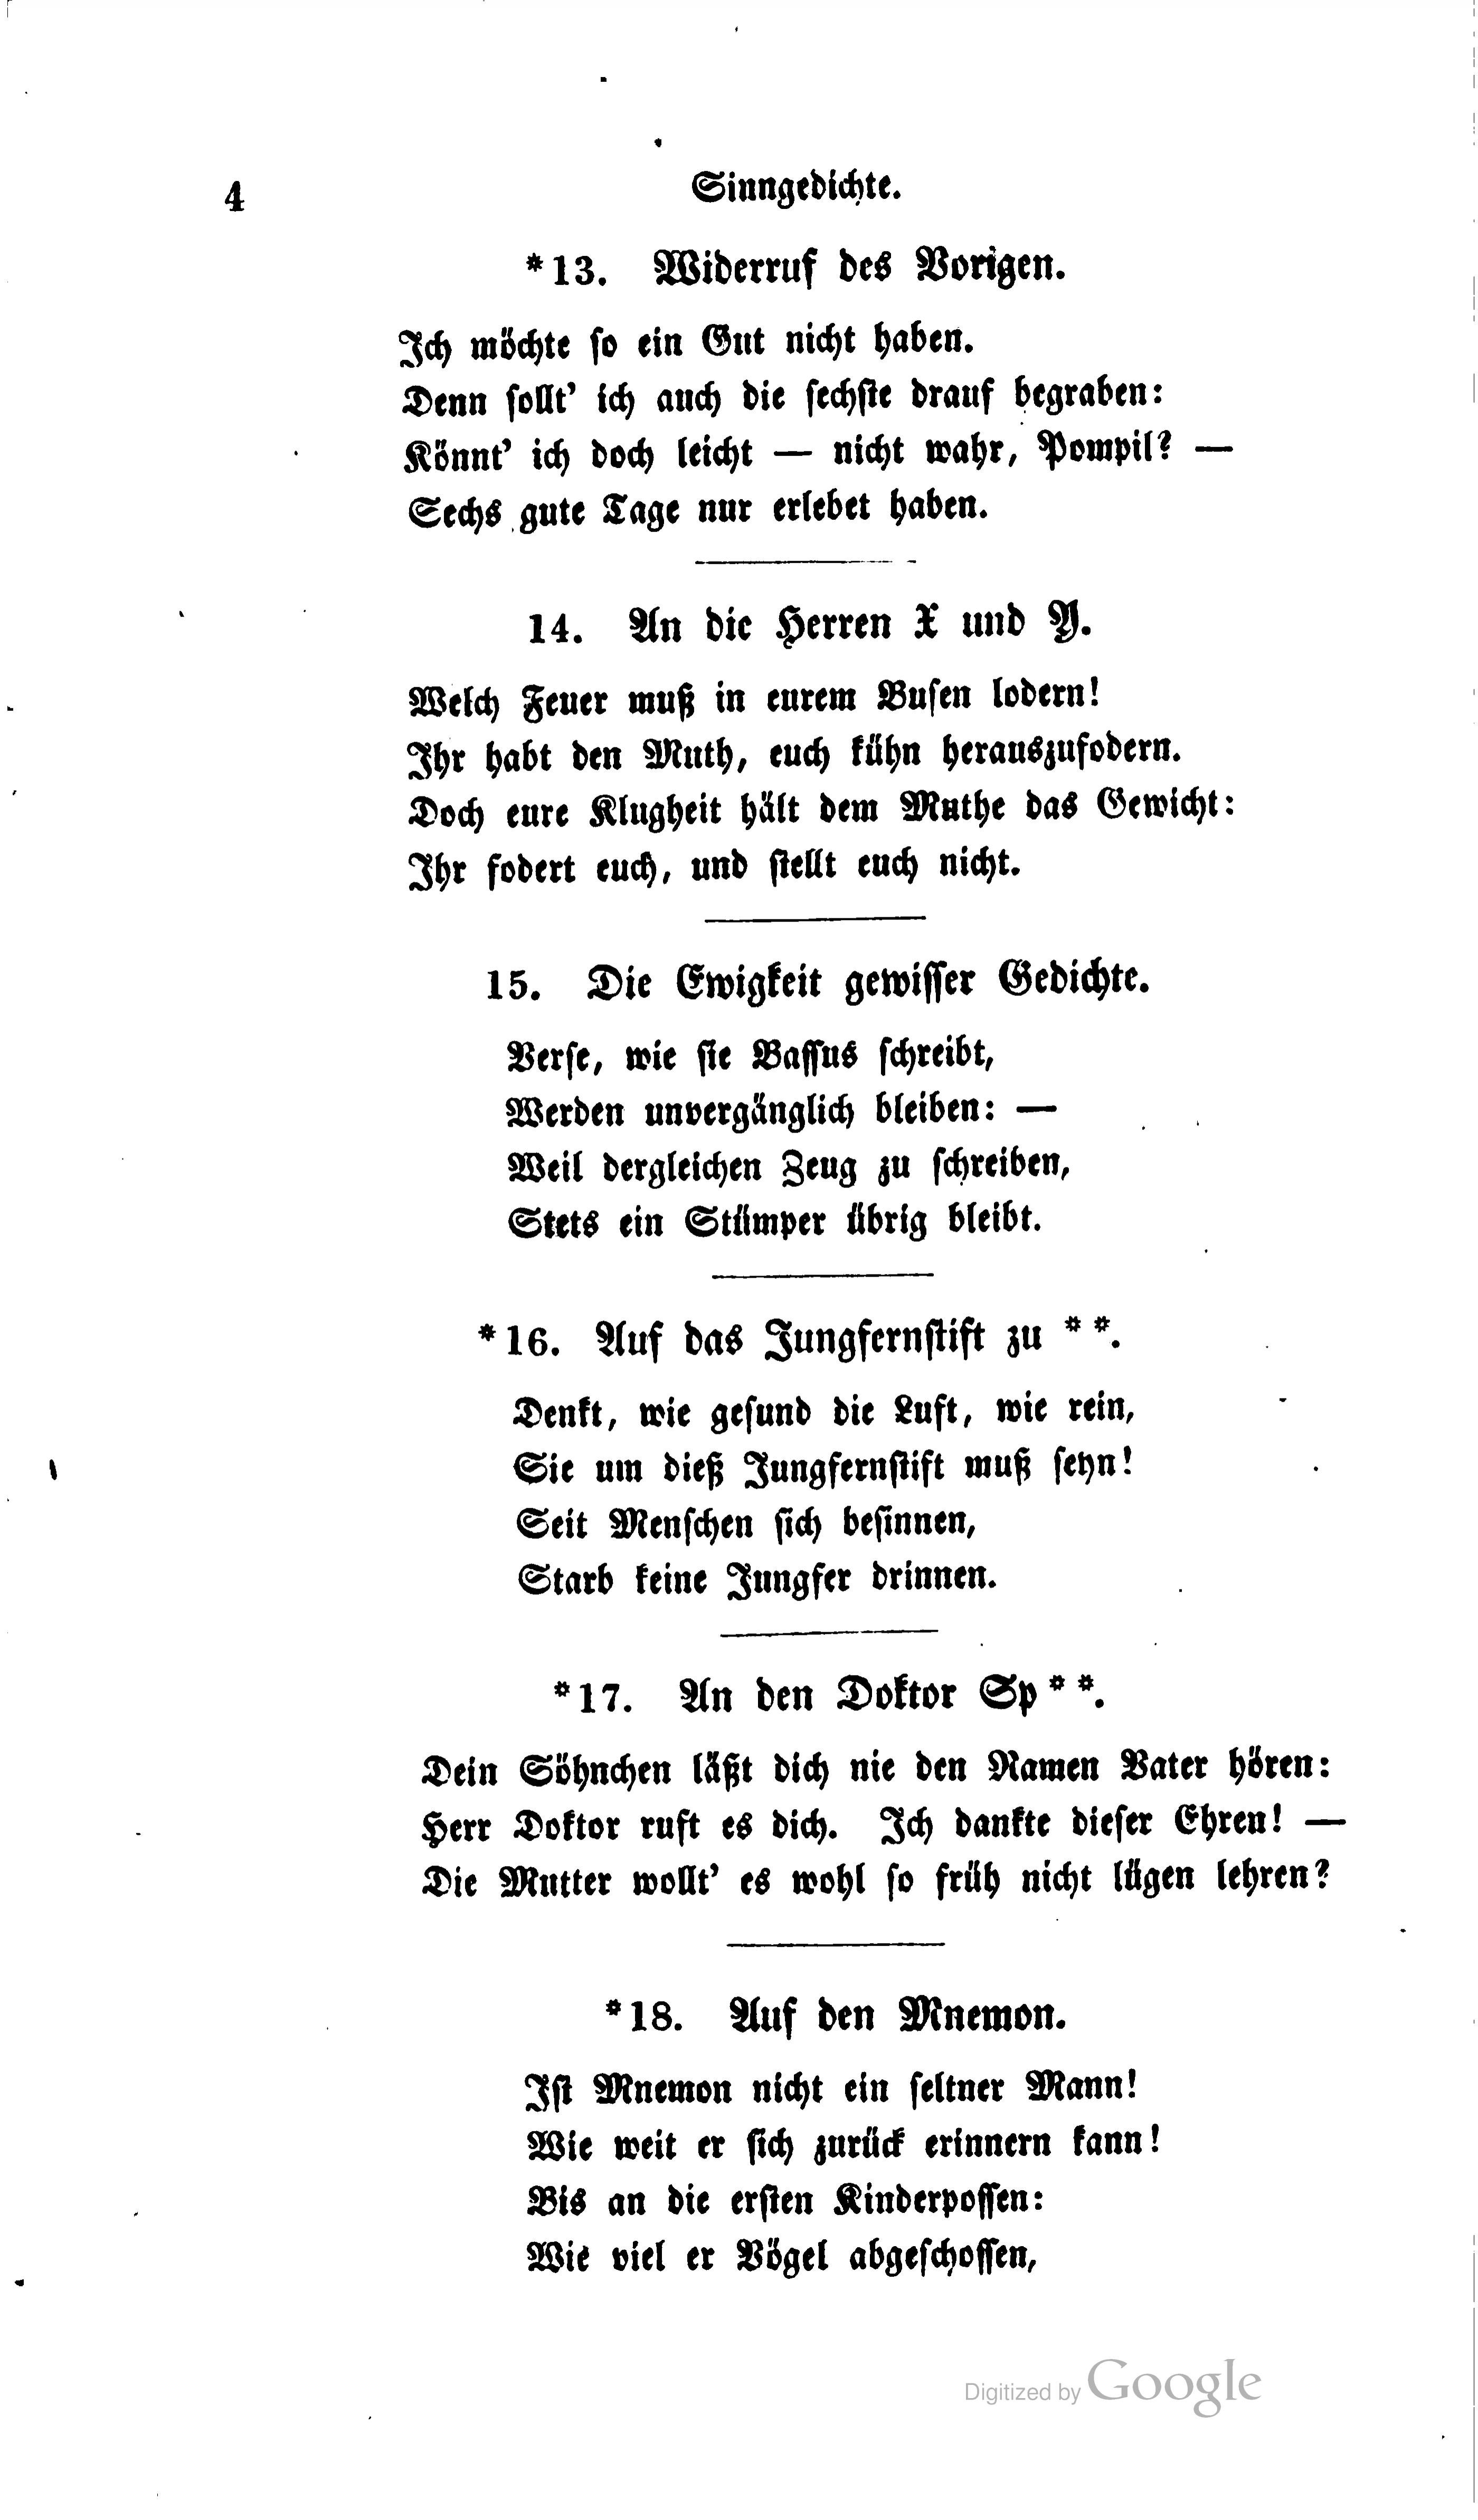 Filelessing Sämmtliche Schriften 004jpg Wikimedia